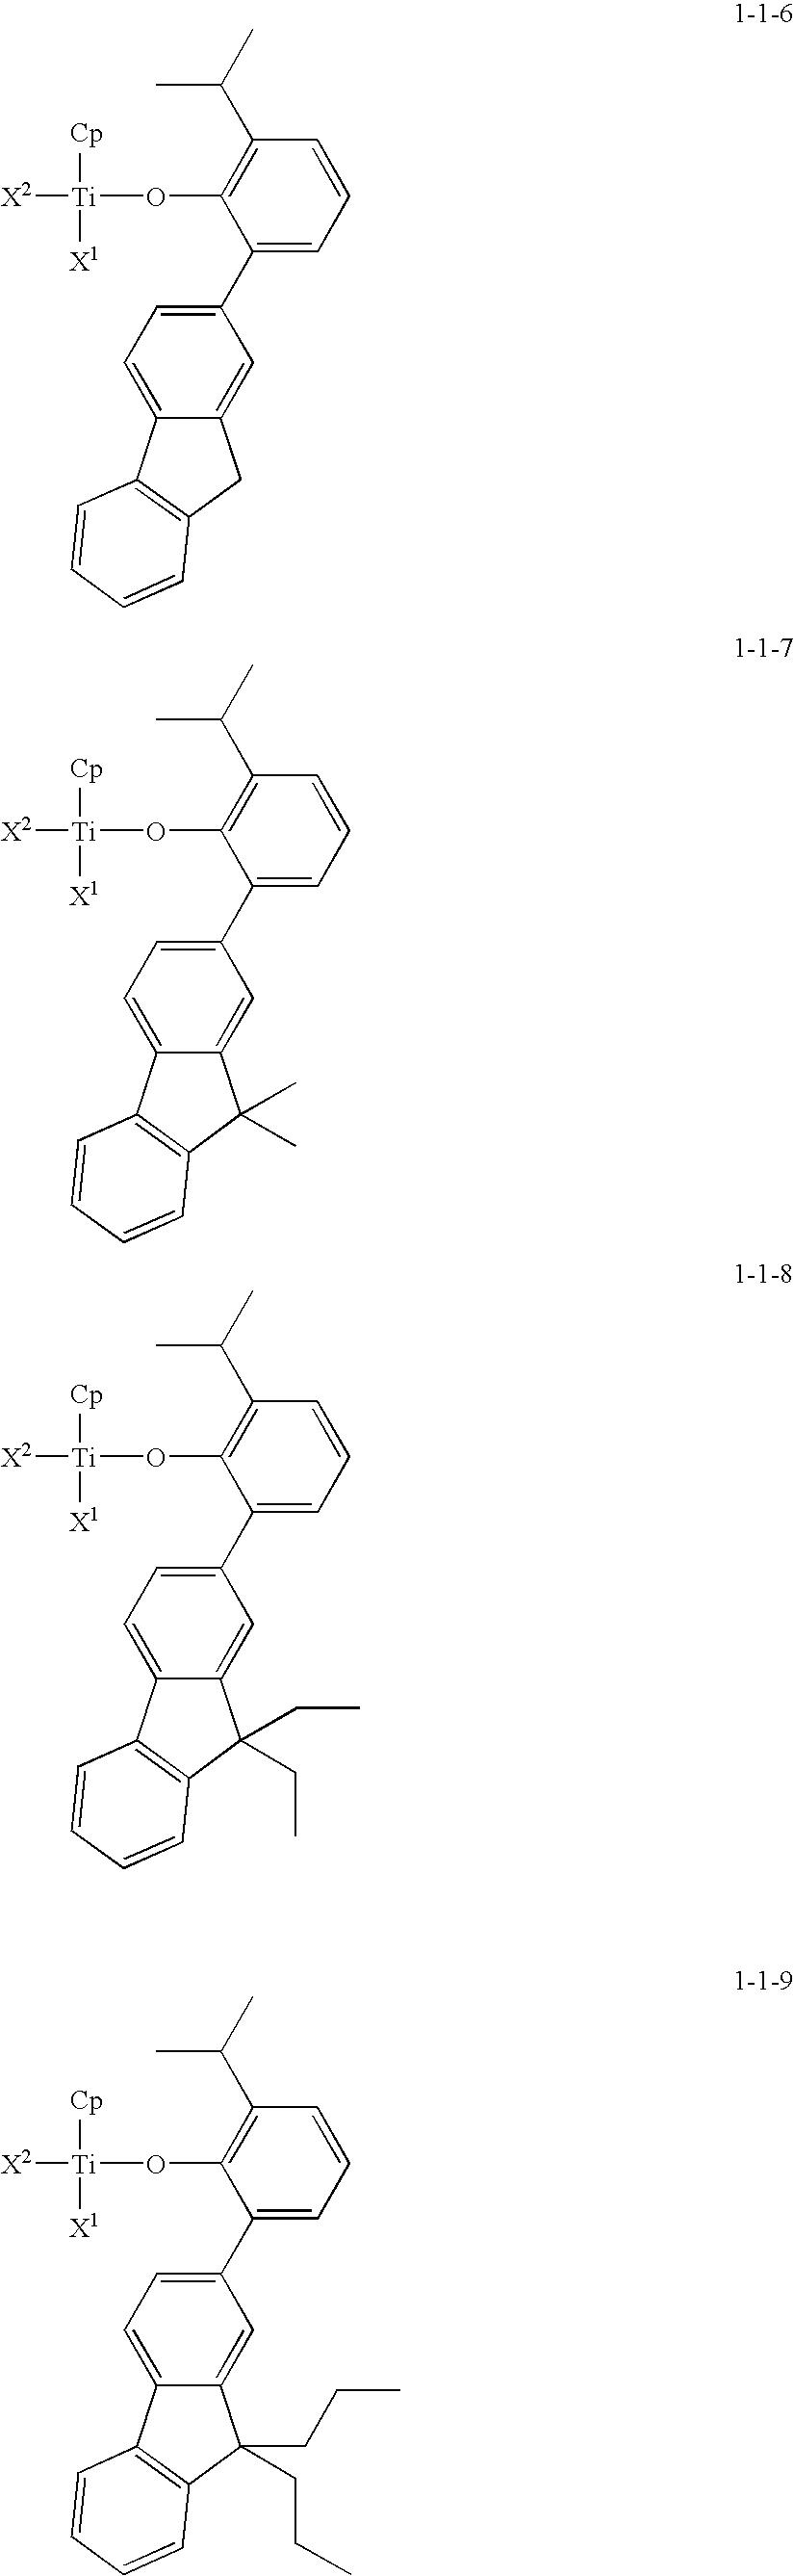 Figure US20100081776A1-20100401-C00005